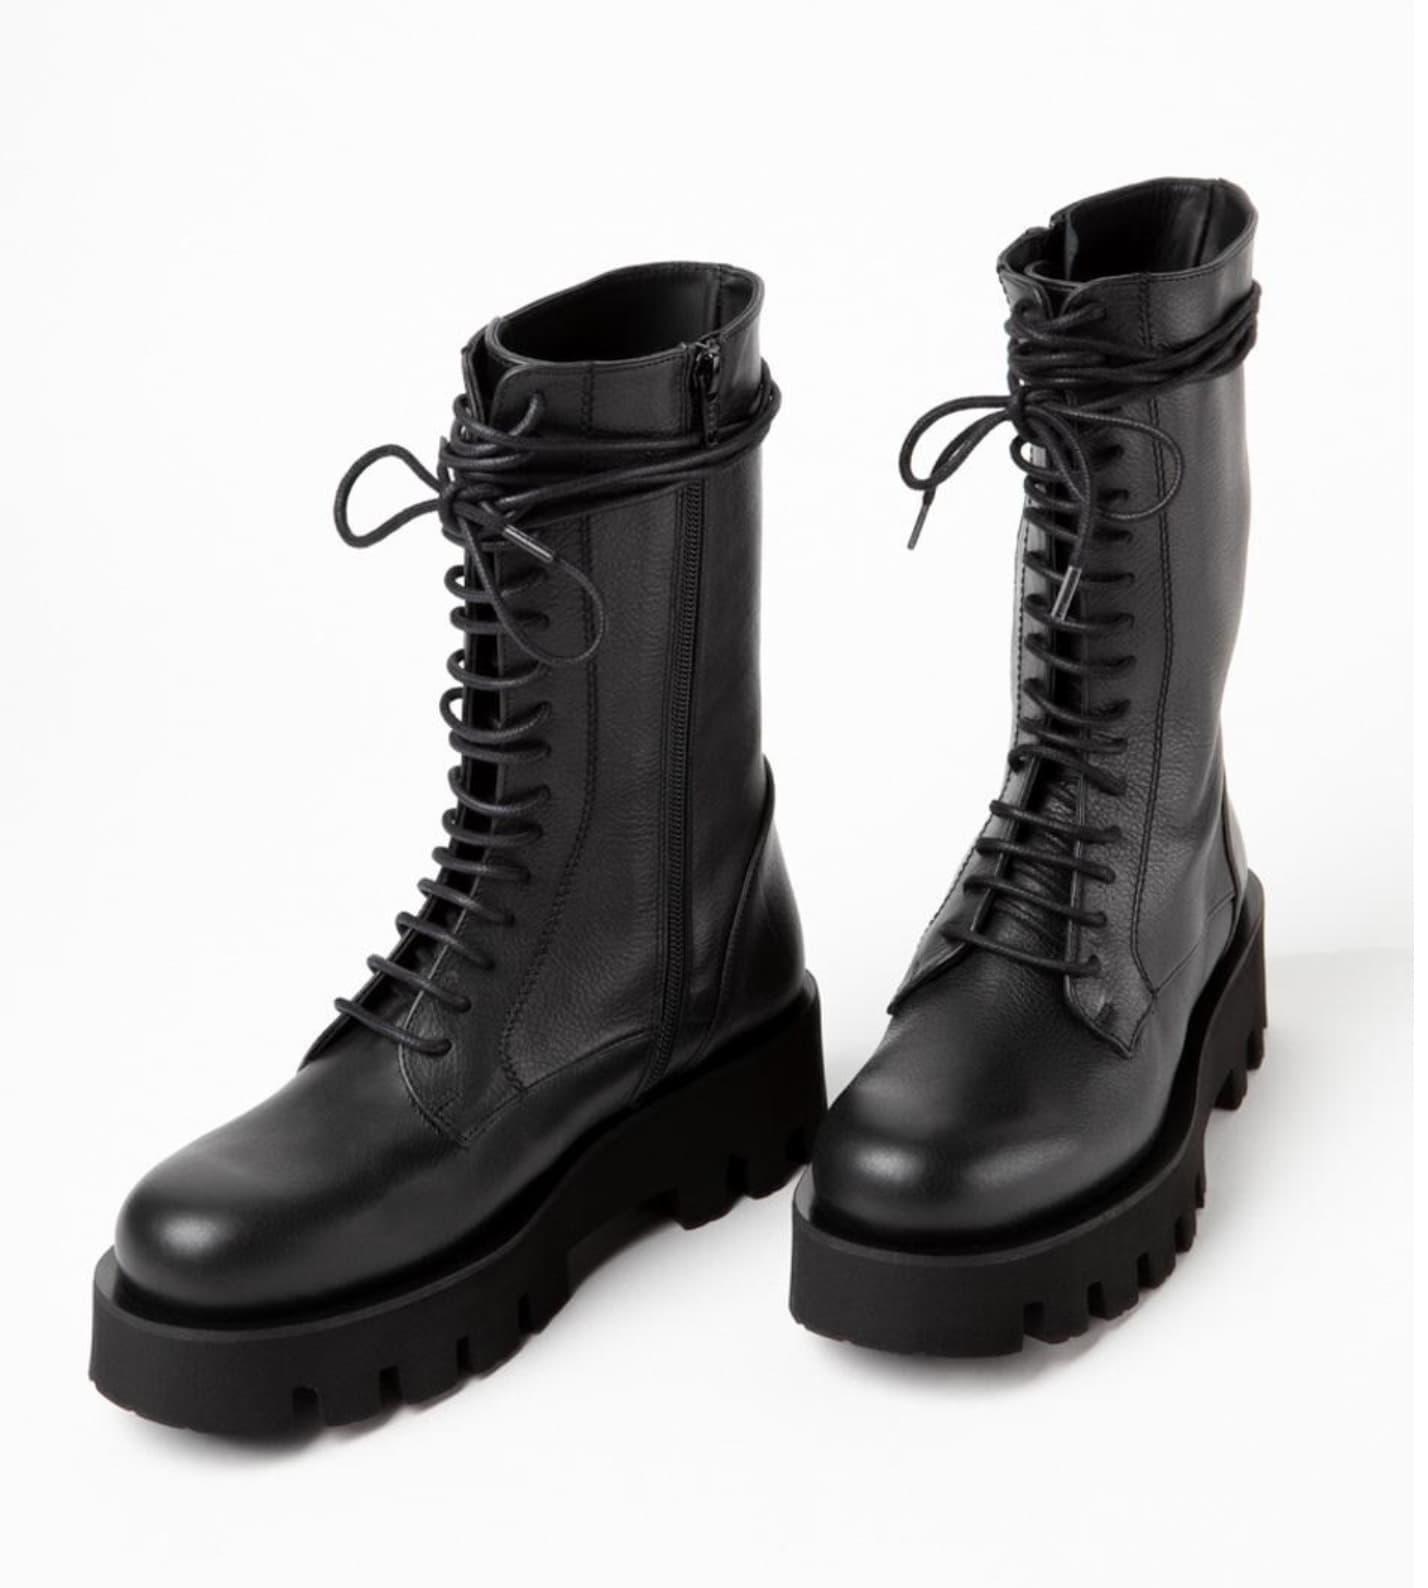 Botas de mujer en negro con cordones